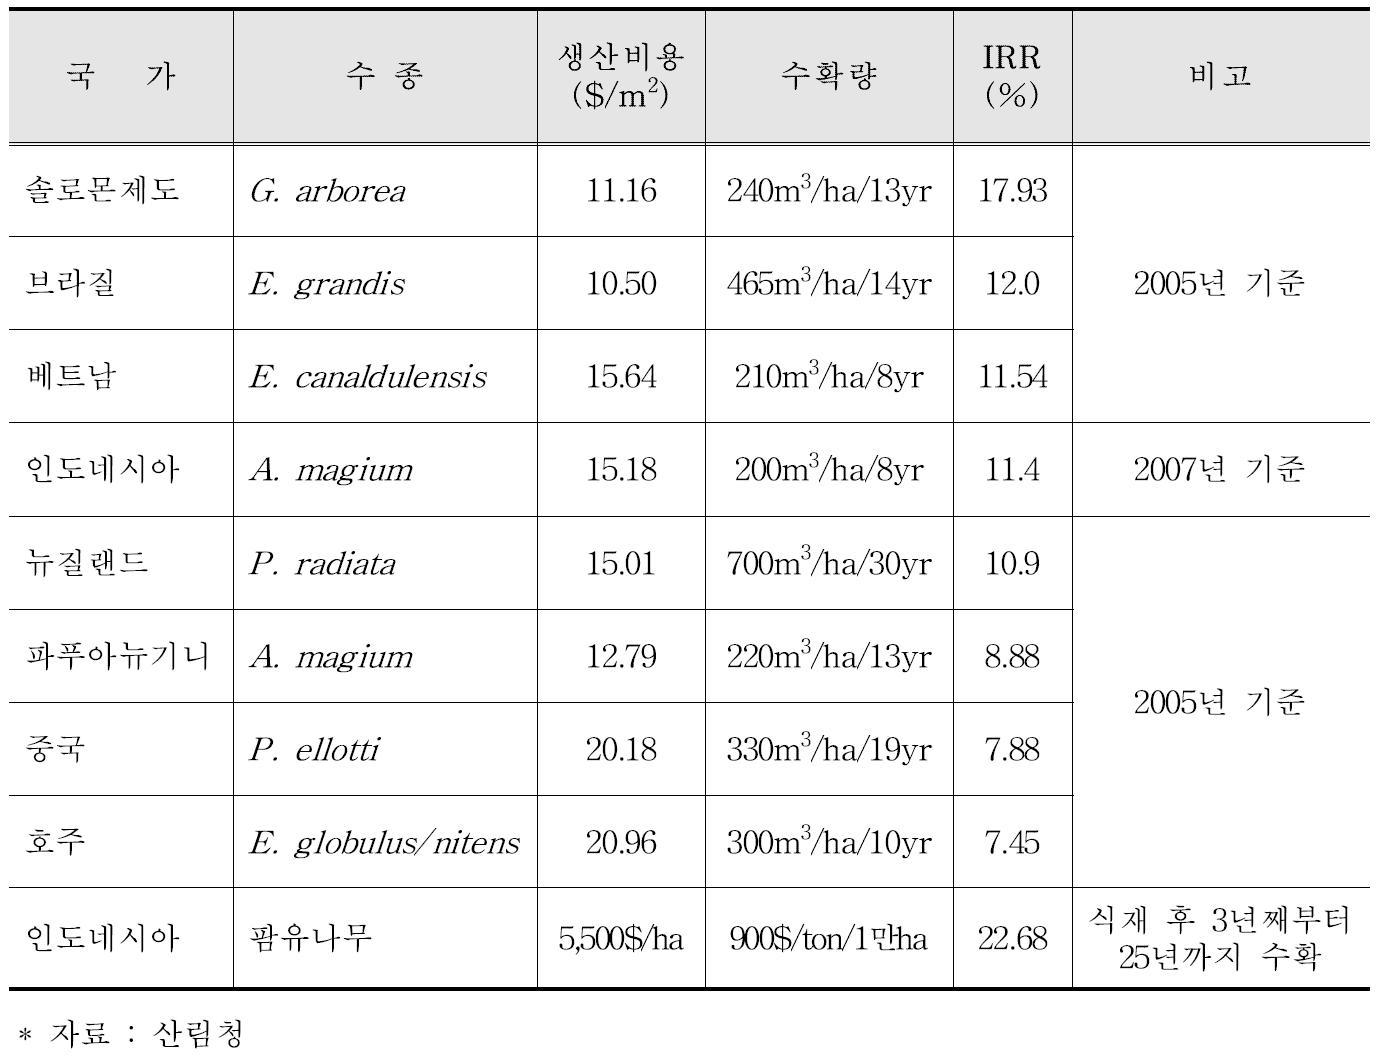 수입원목과 육성도입원목의 가격비교